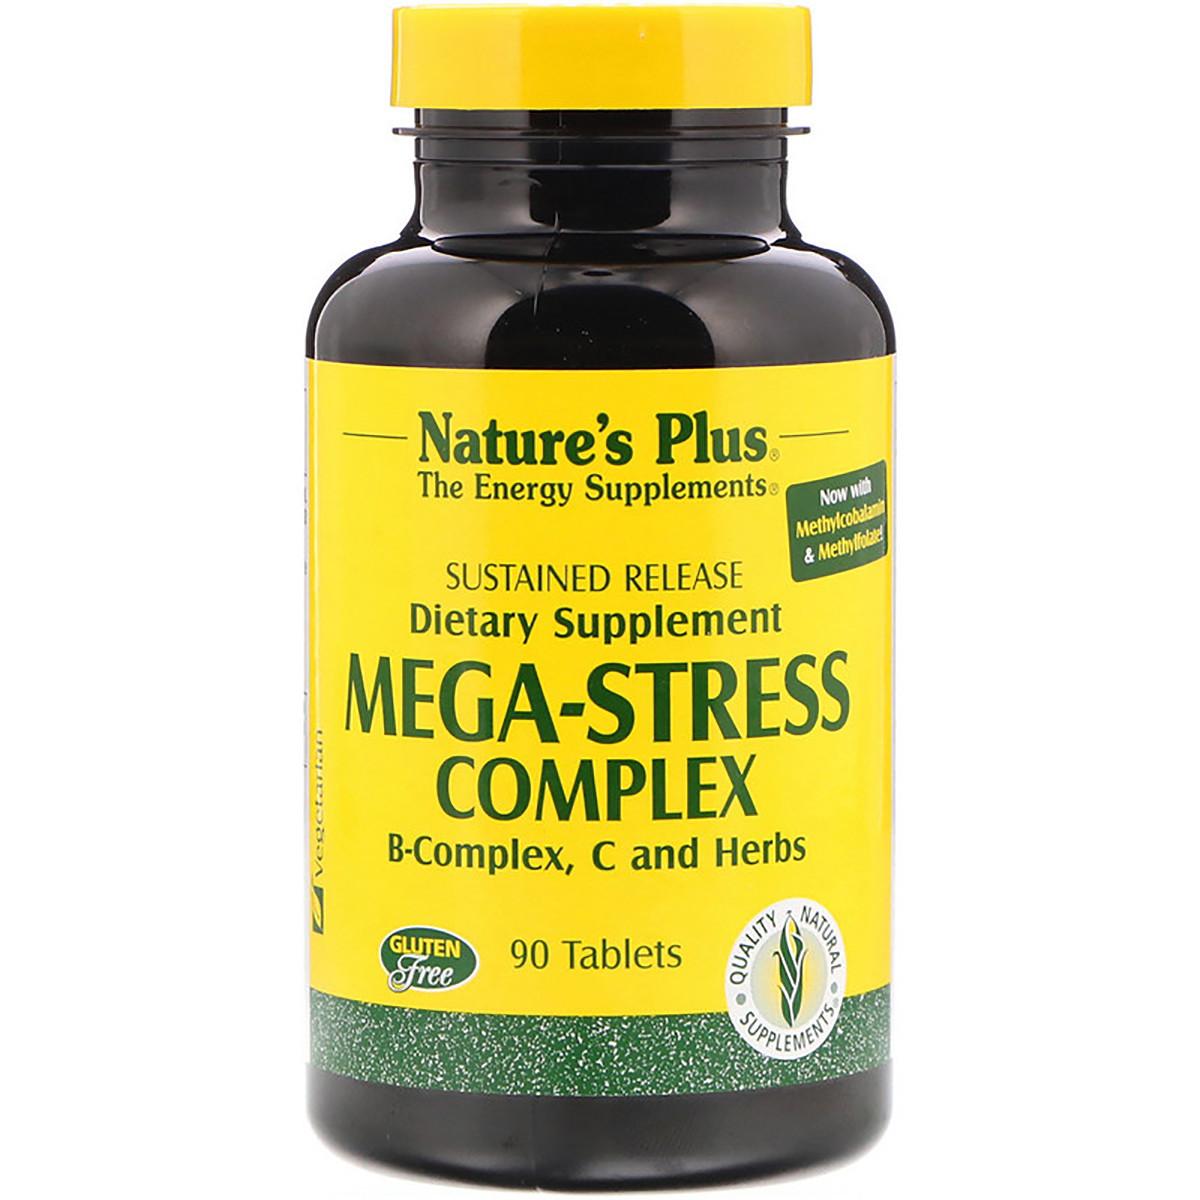 Супер Сильный Комплекс от Стресса, Mega-Stress, Nature's Plus, 90 таблеток